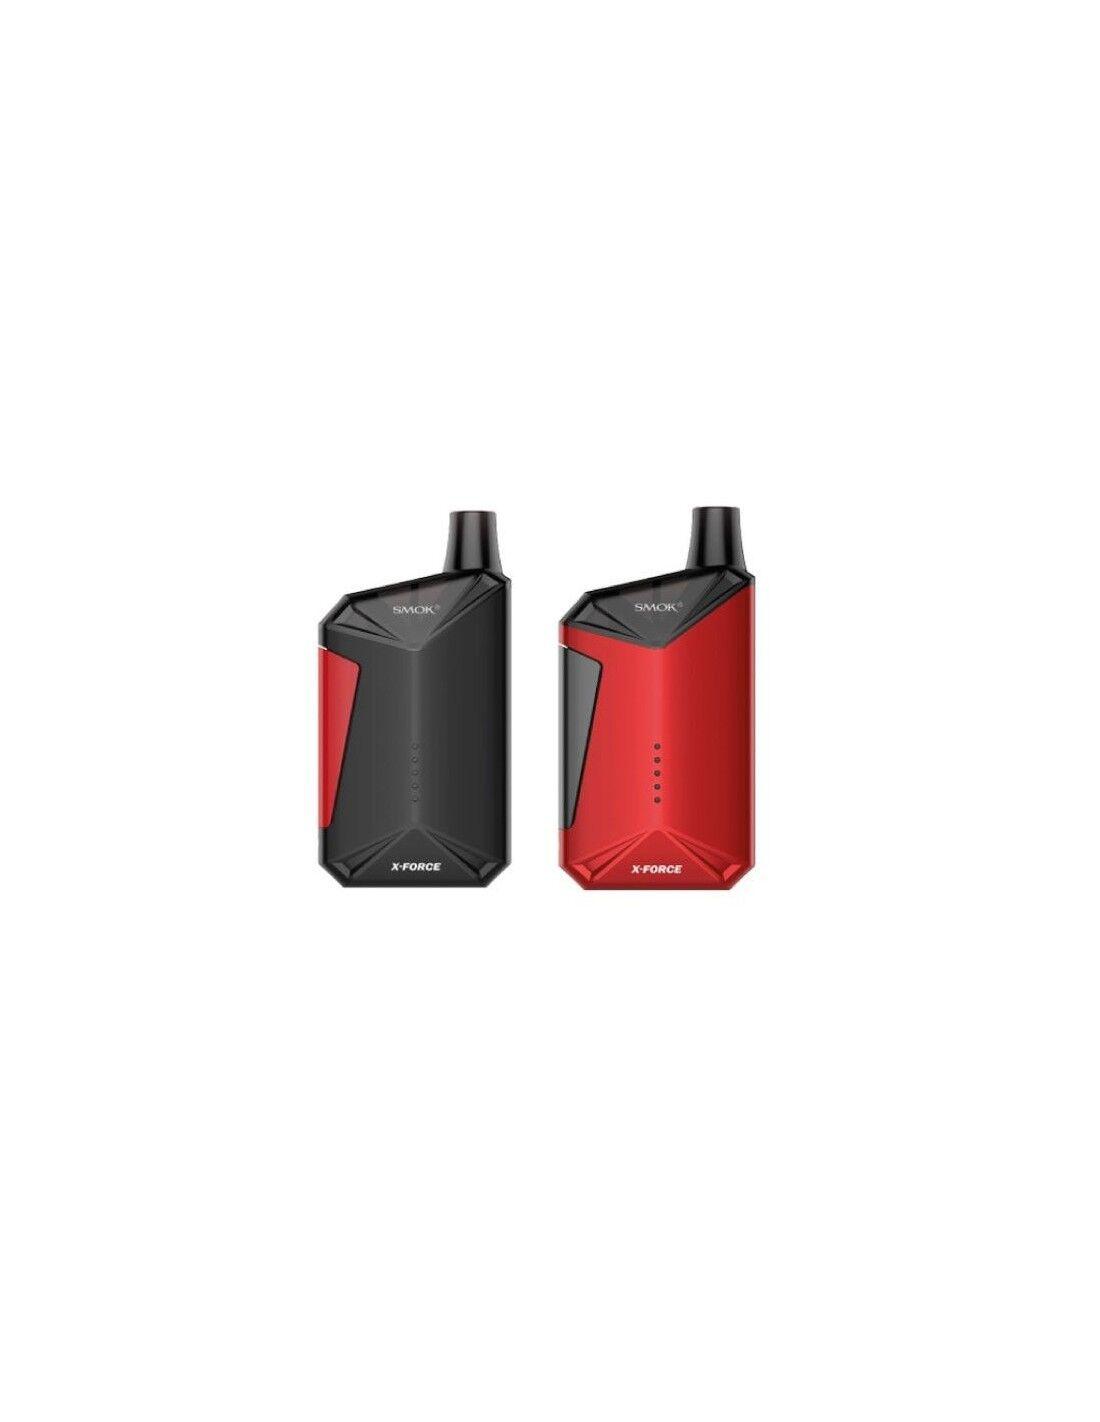 Smok Kit X- Force - Sigaretta Elettronica Aio Con Pod